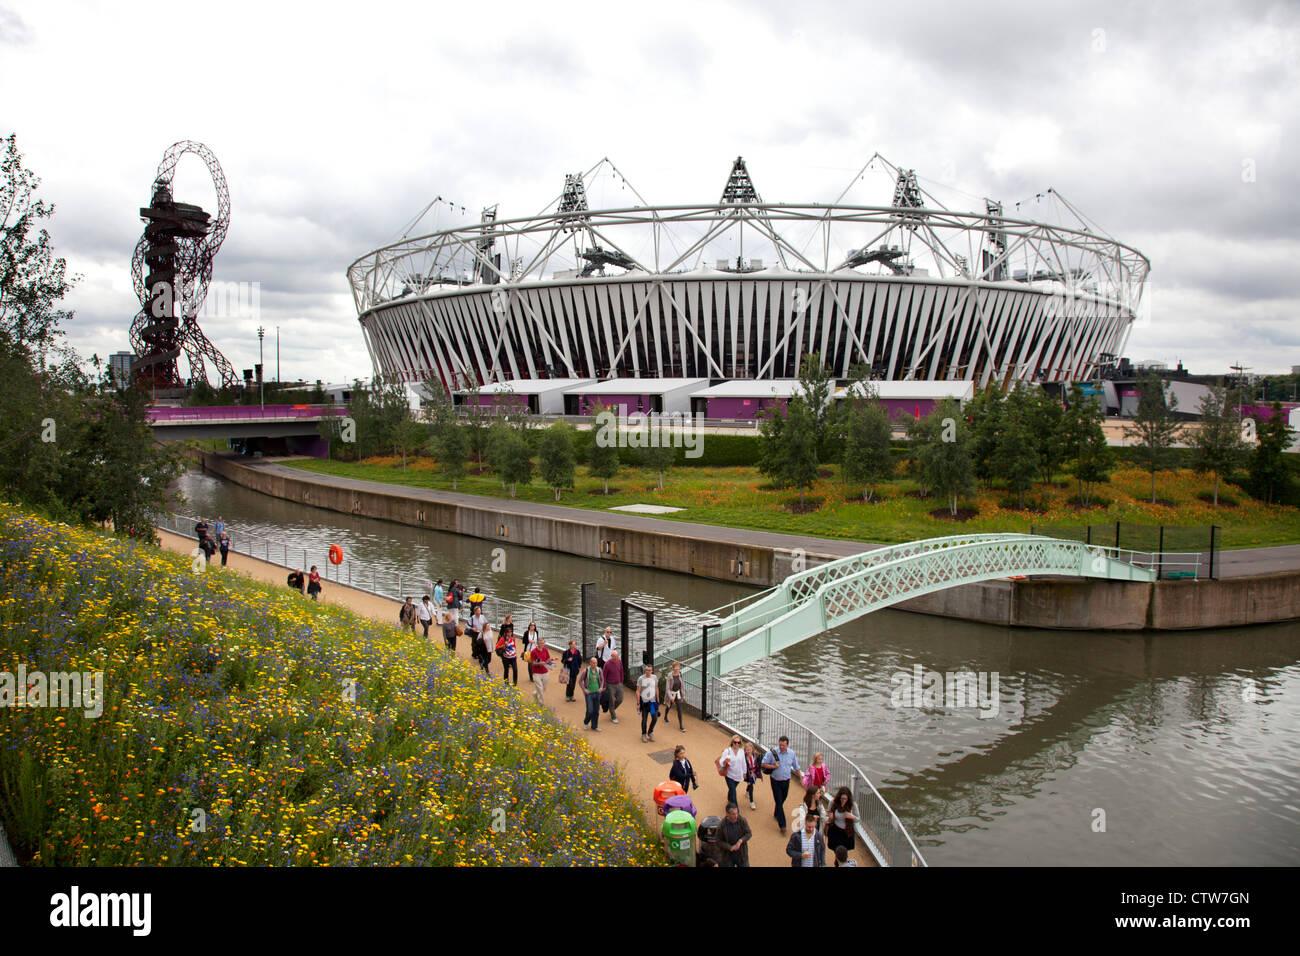 London 2012 Olympic Park in Stratford. Die Website ist eine wunderschöne Landschaft mit Gärten von allem blühenden Wildblumen. Stockfoto